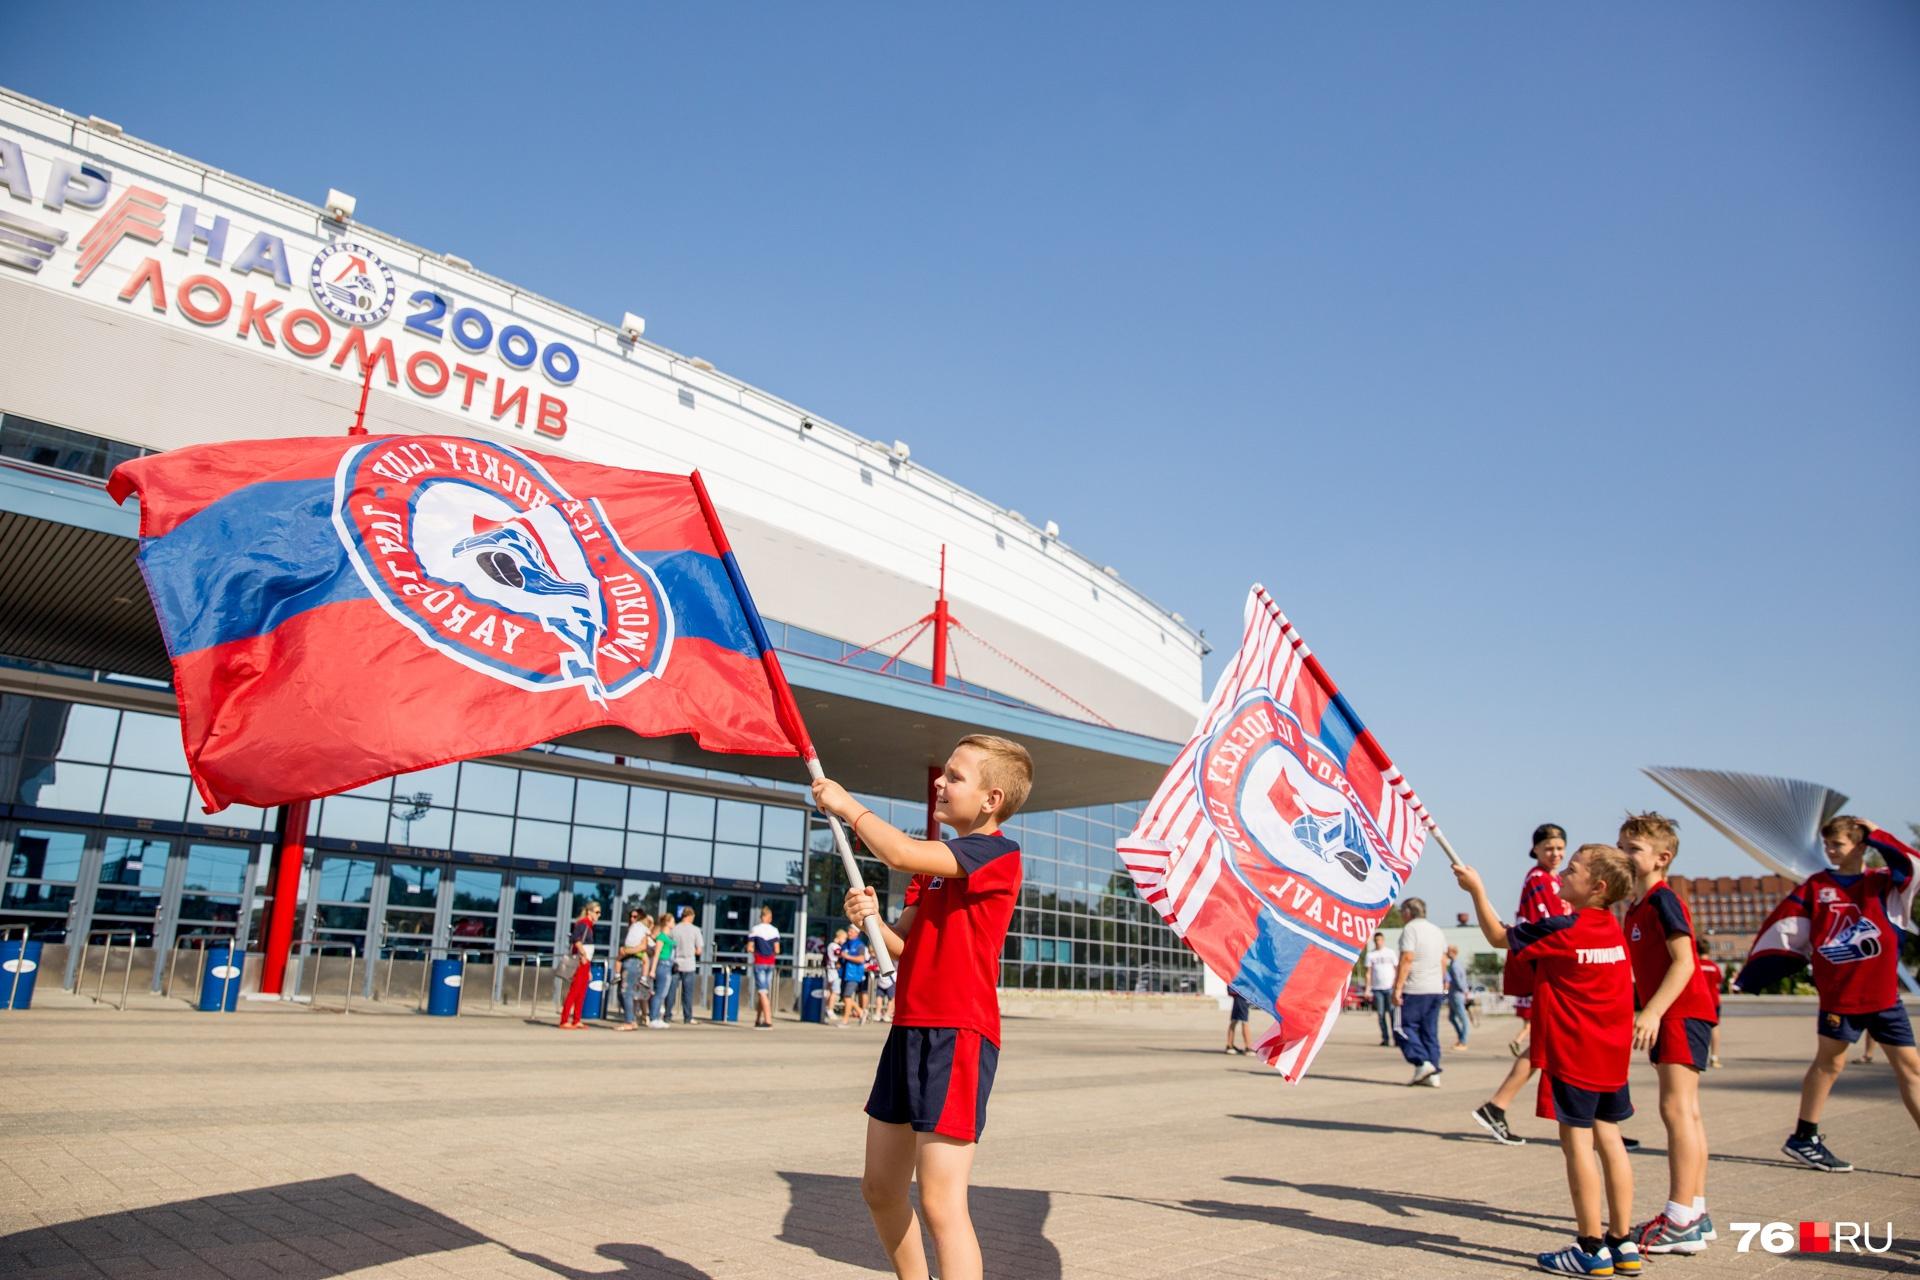 В ожидании команды мальчишки носились с флагами по площади